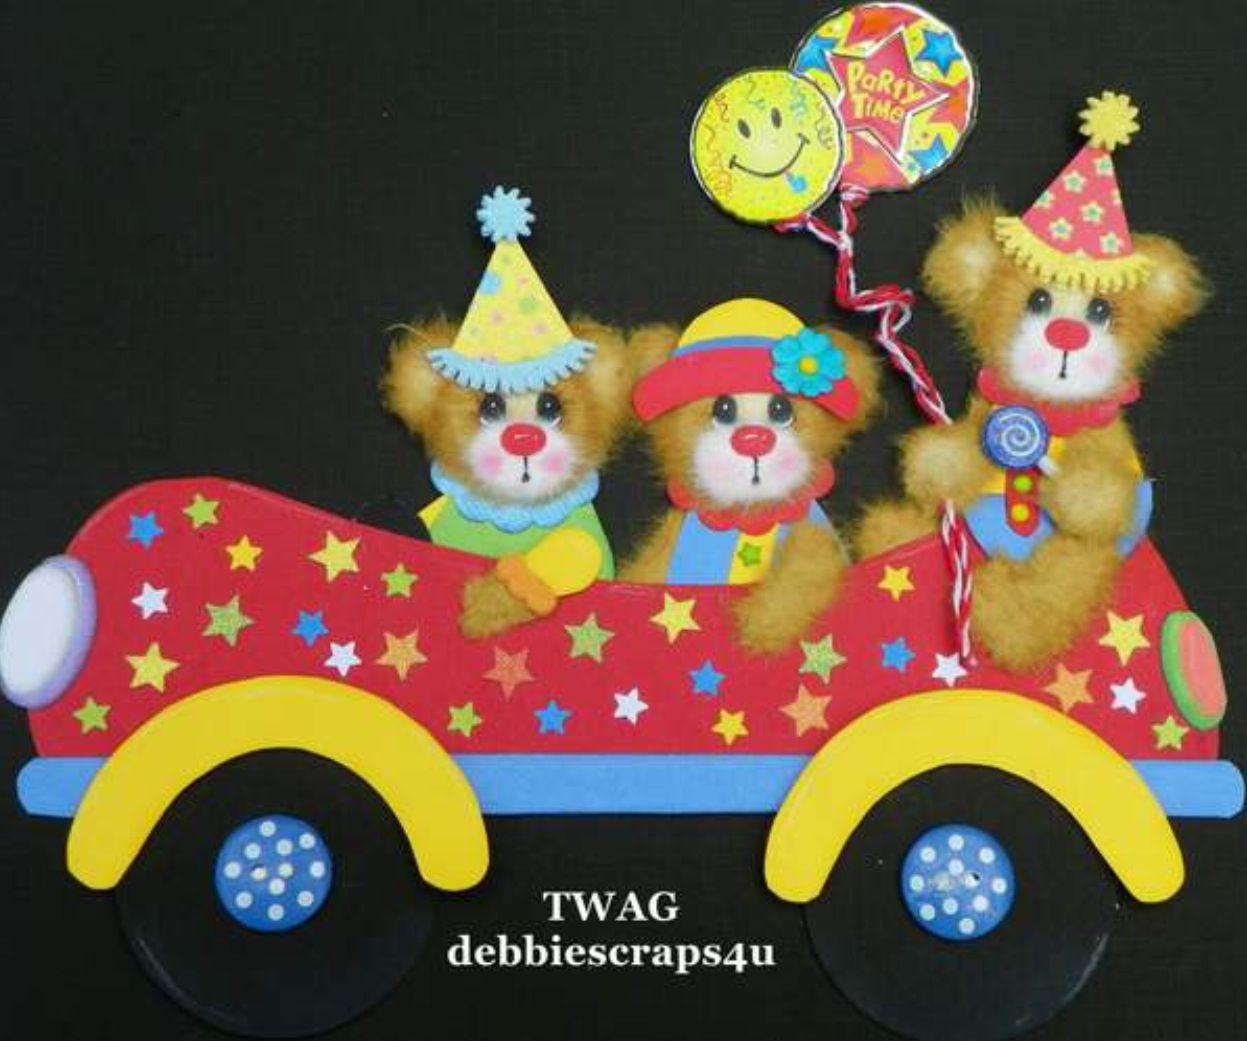 TWAG (debbiescraps4u) Handmade Tear Bear Paper Piece by Debbie.